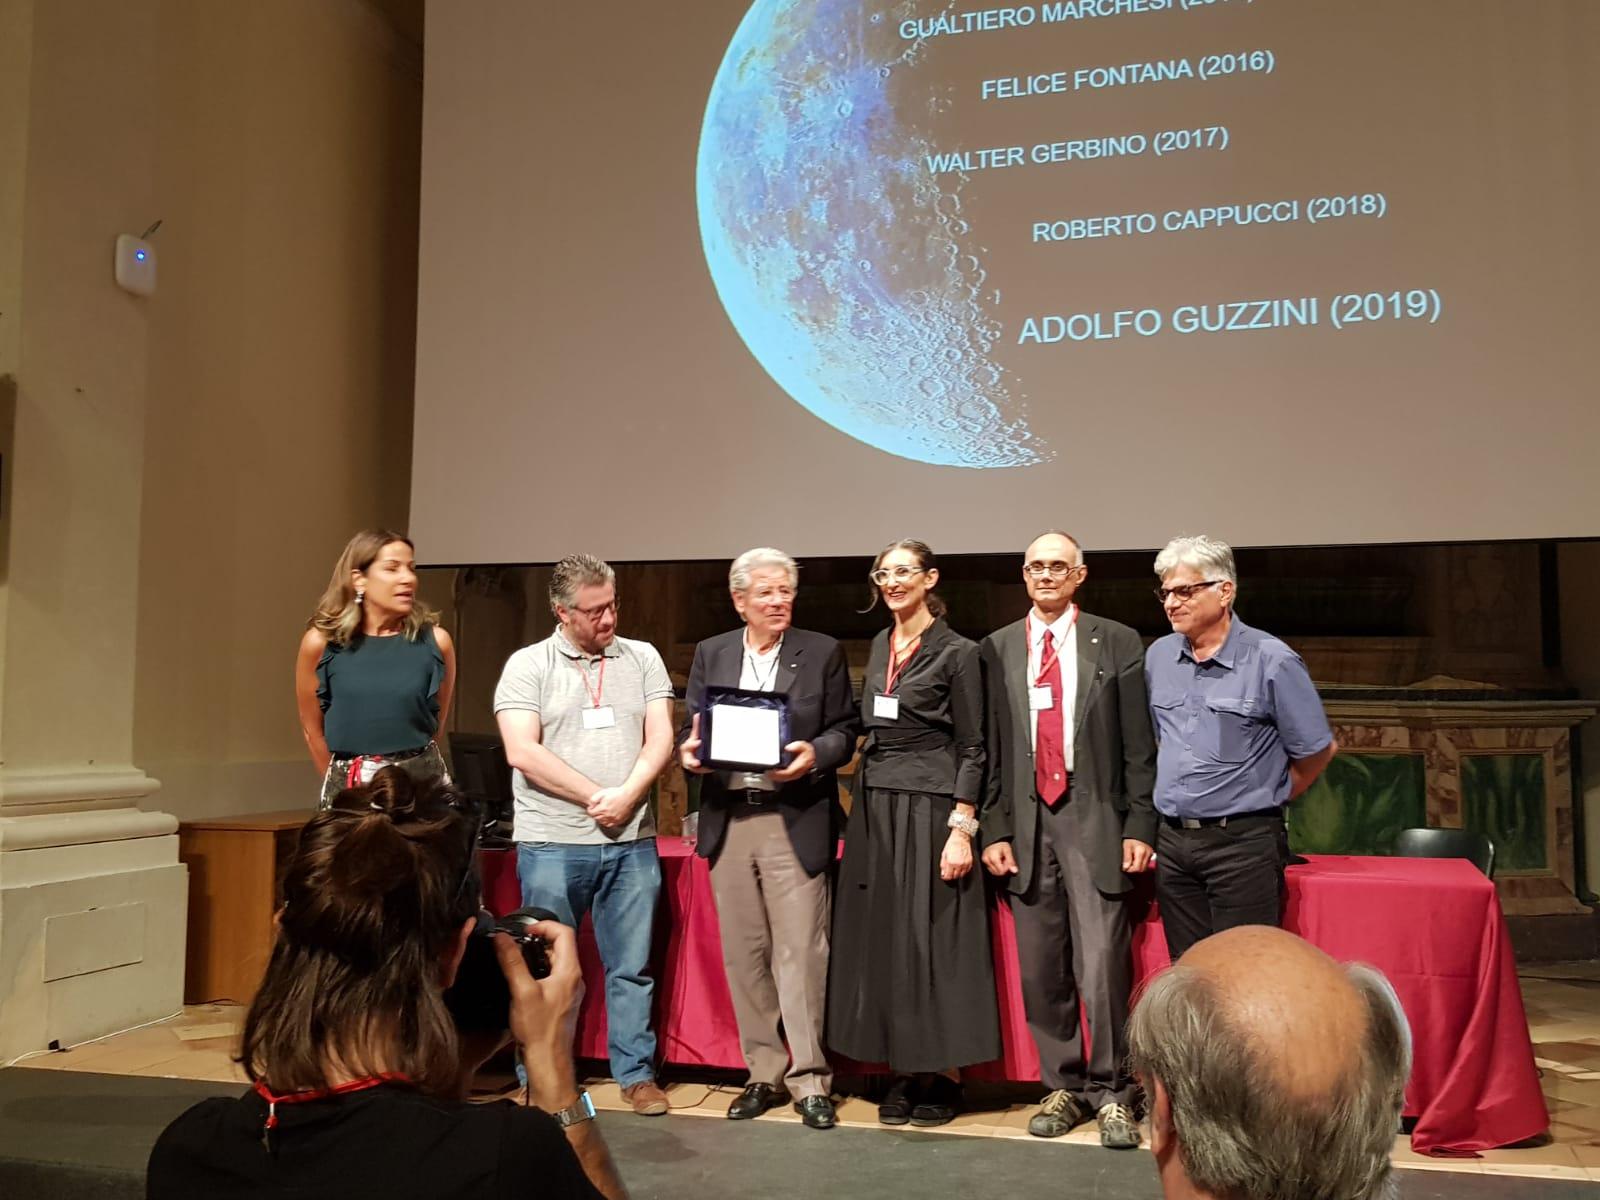 Adolfo Guzzini awarded the Premio Colore 2019